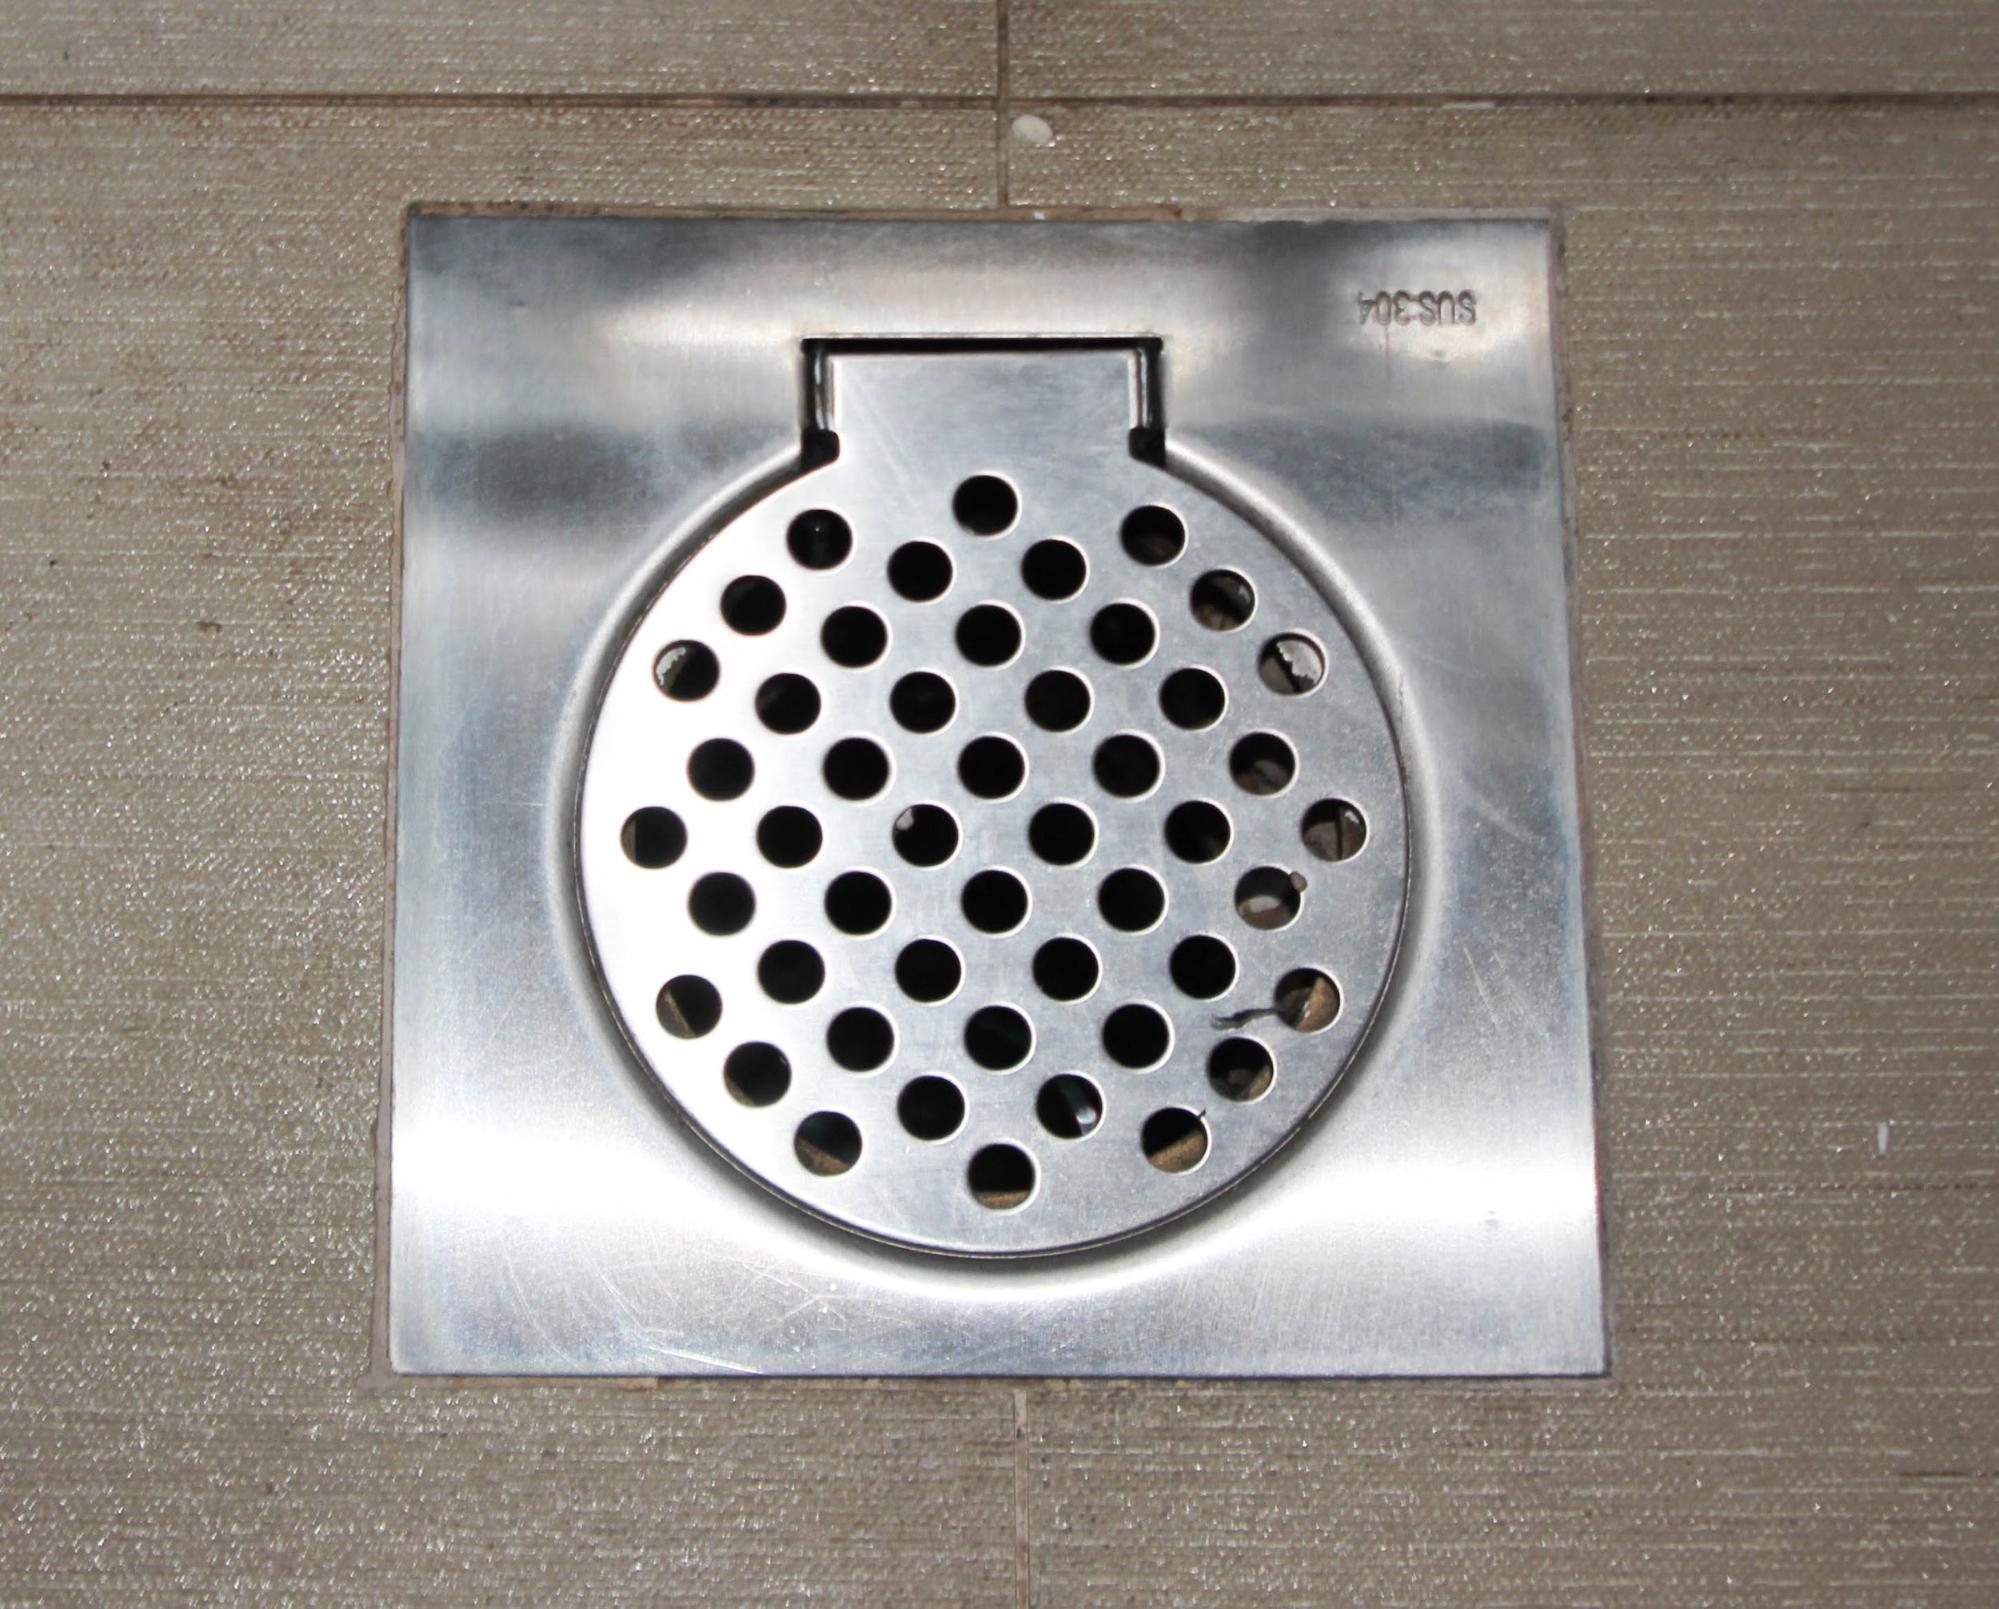 drainage trap - mosquito breeding